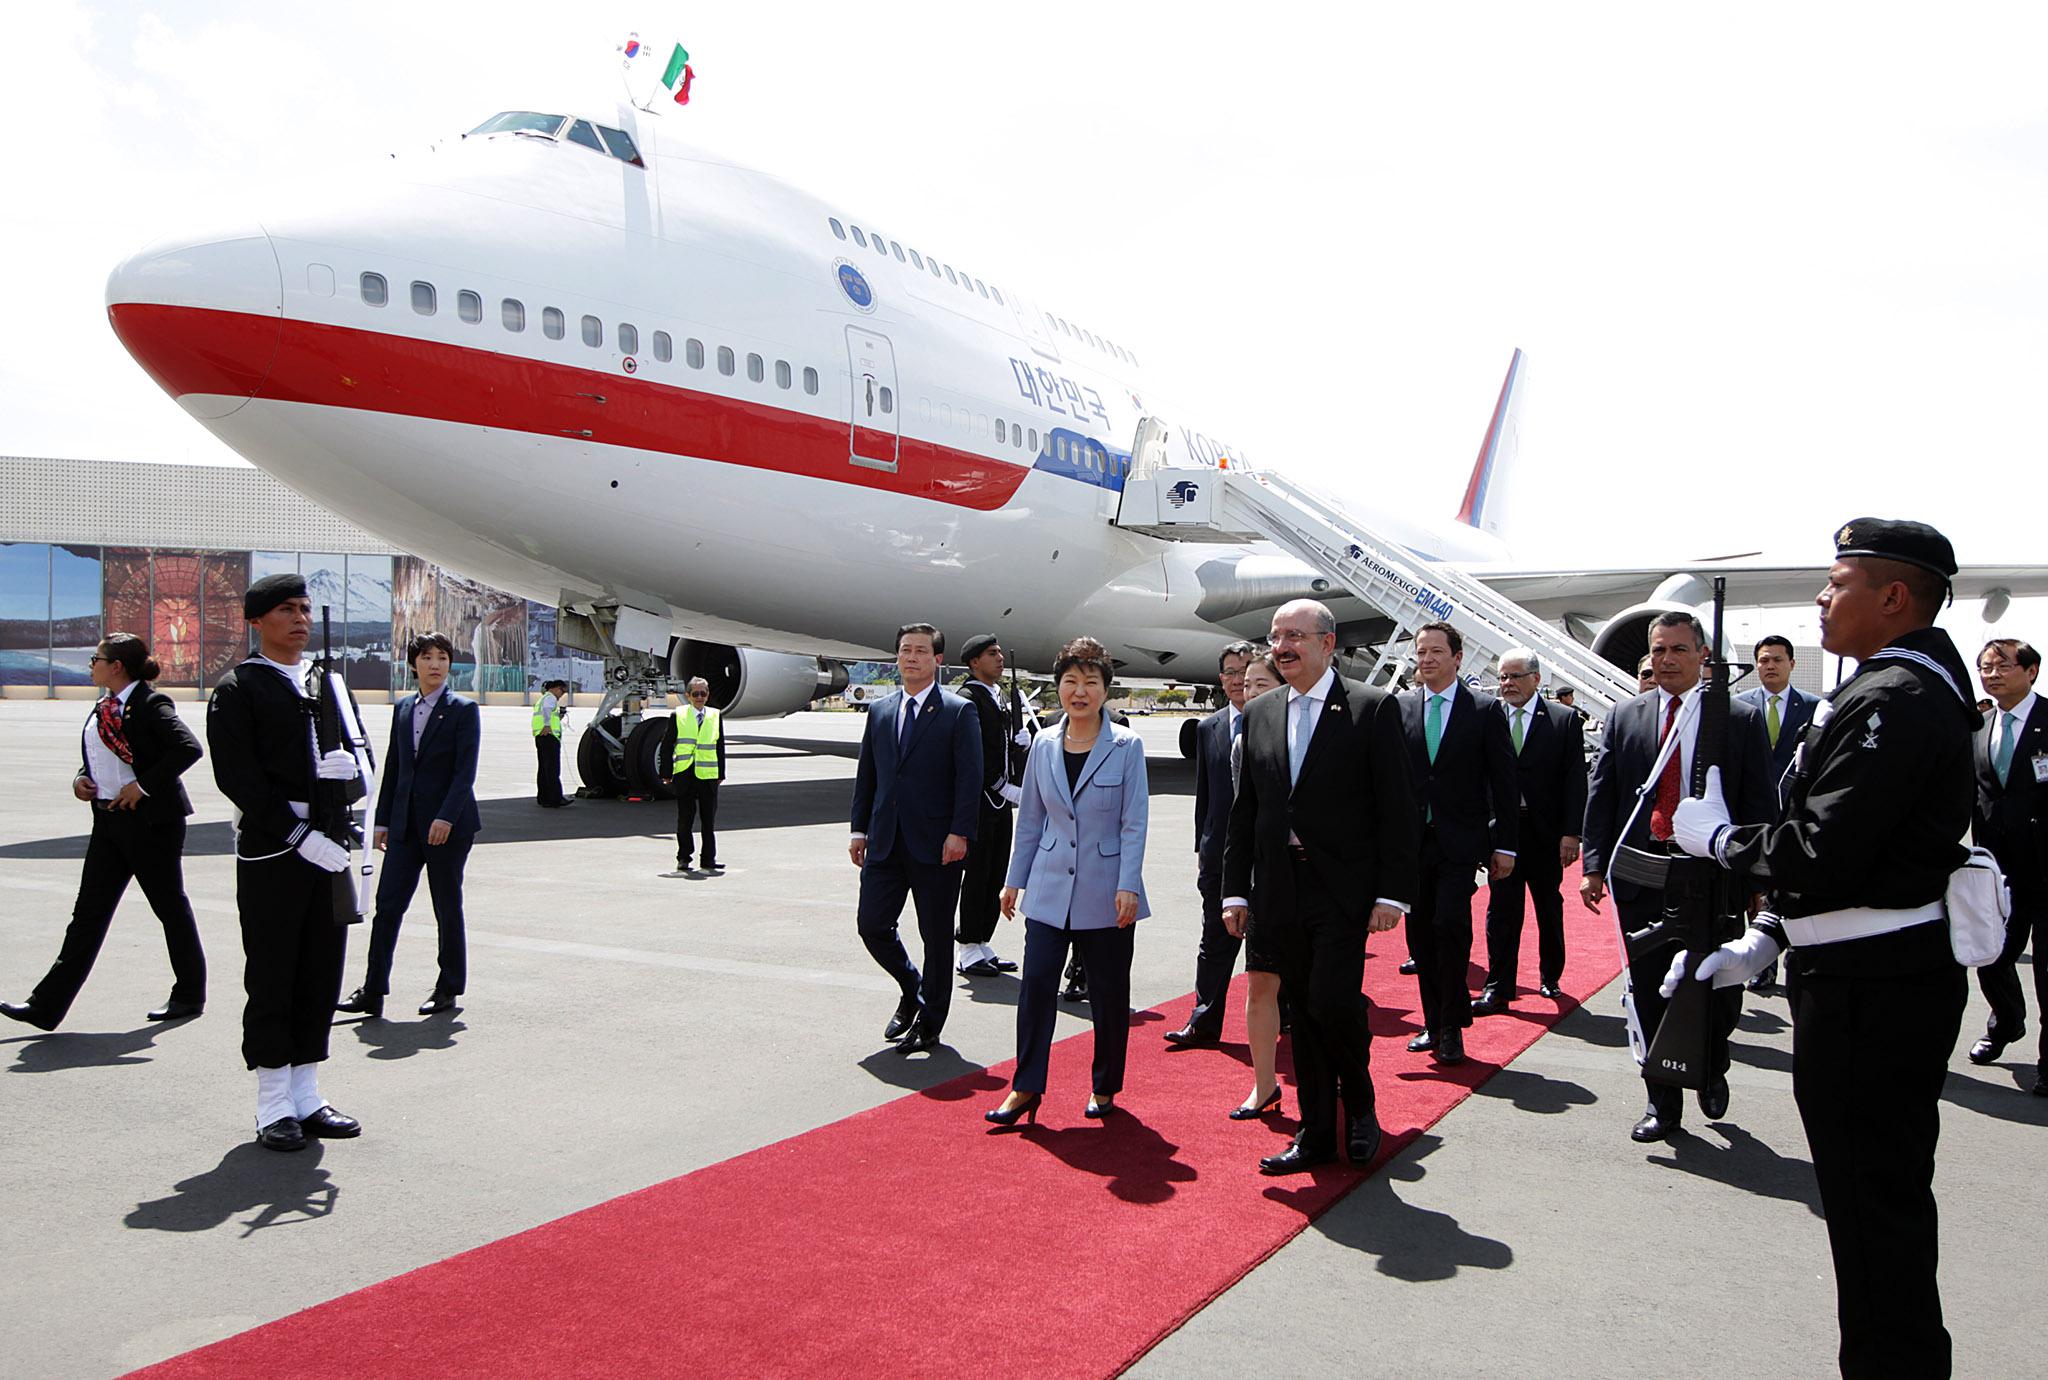 FOTO 3 Arribo de la Presidenta de la Rep blica de Corea  Excma Sra Park Geun hyejpg